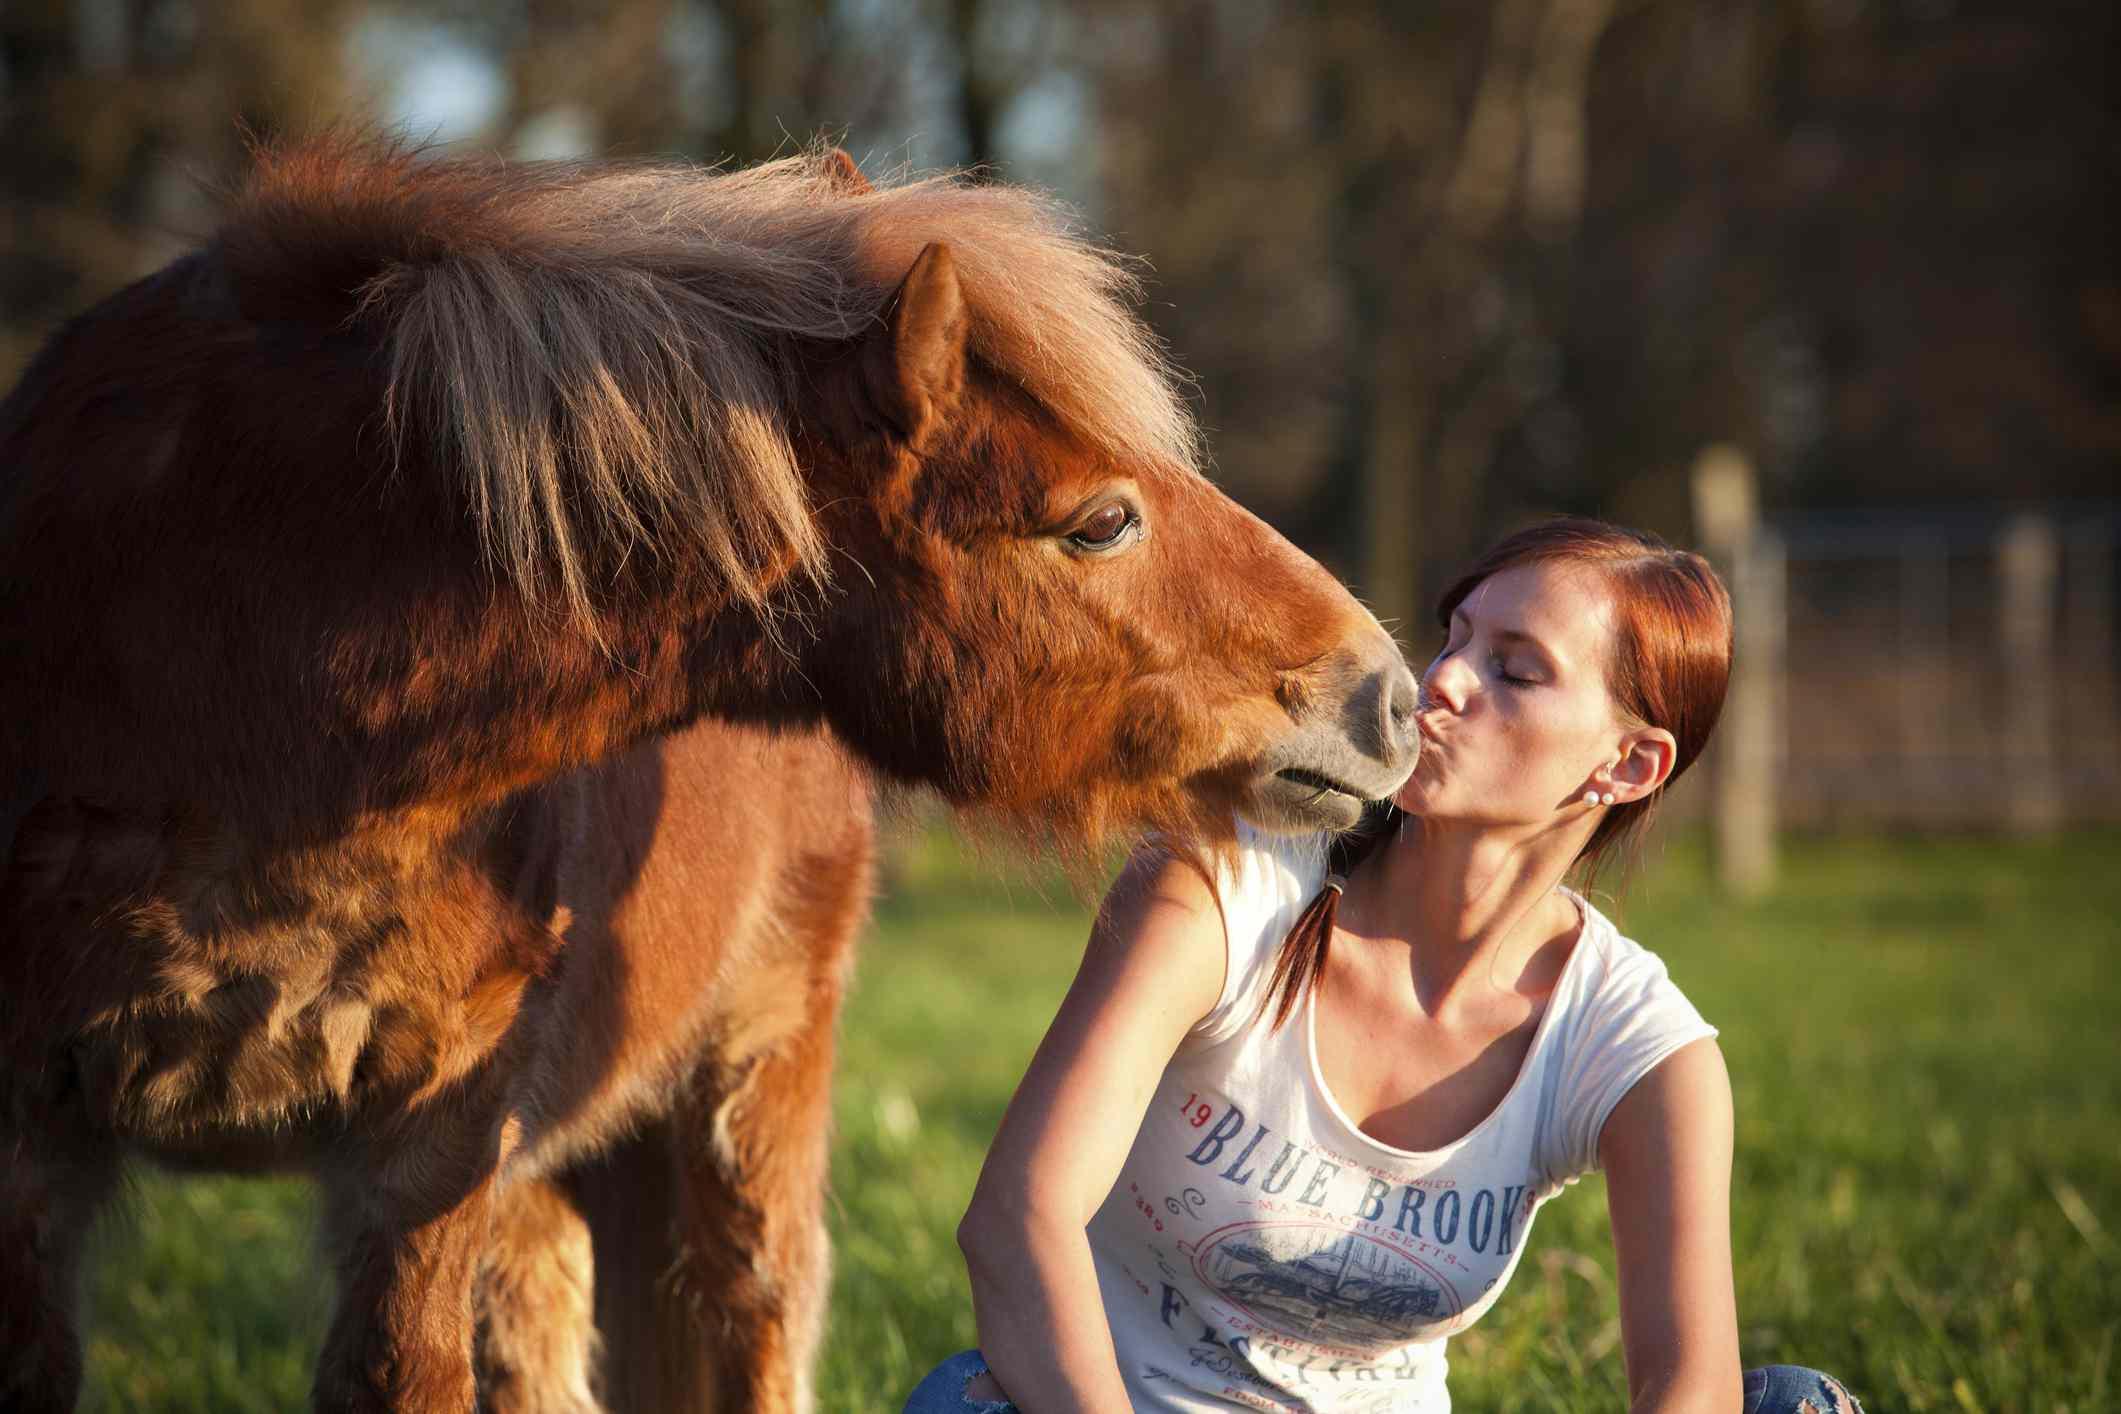 Pony nuzzling girl